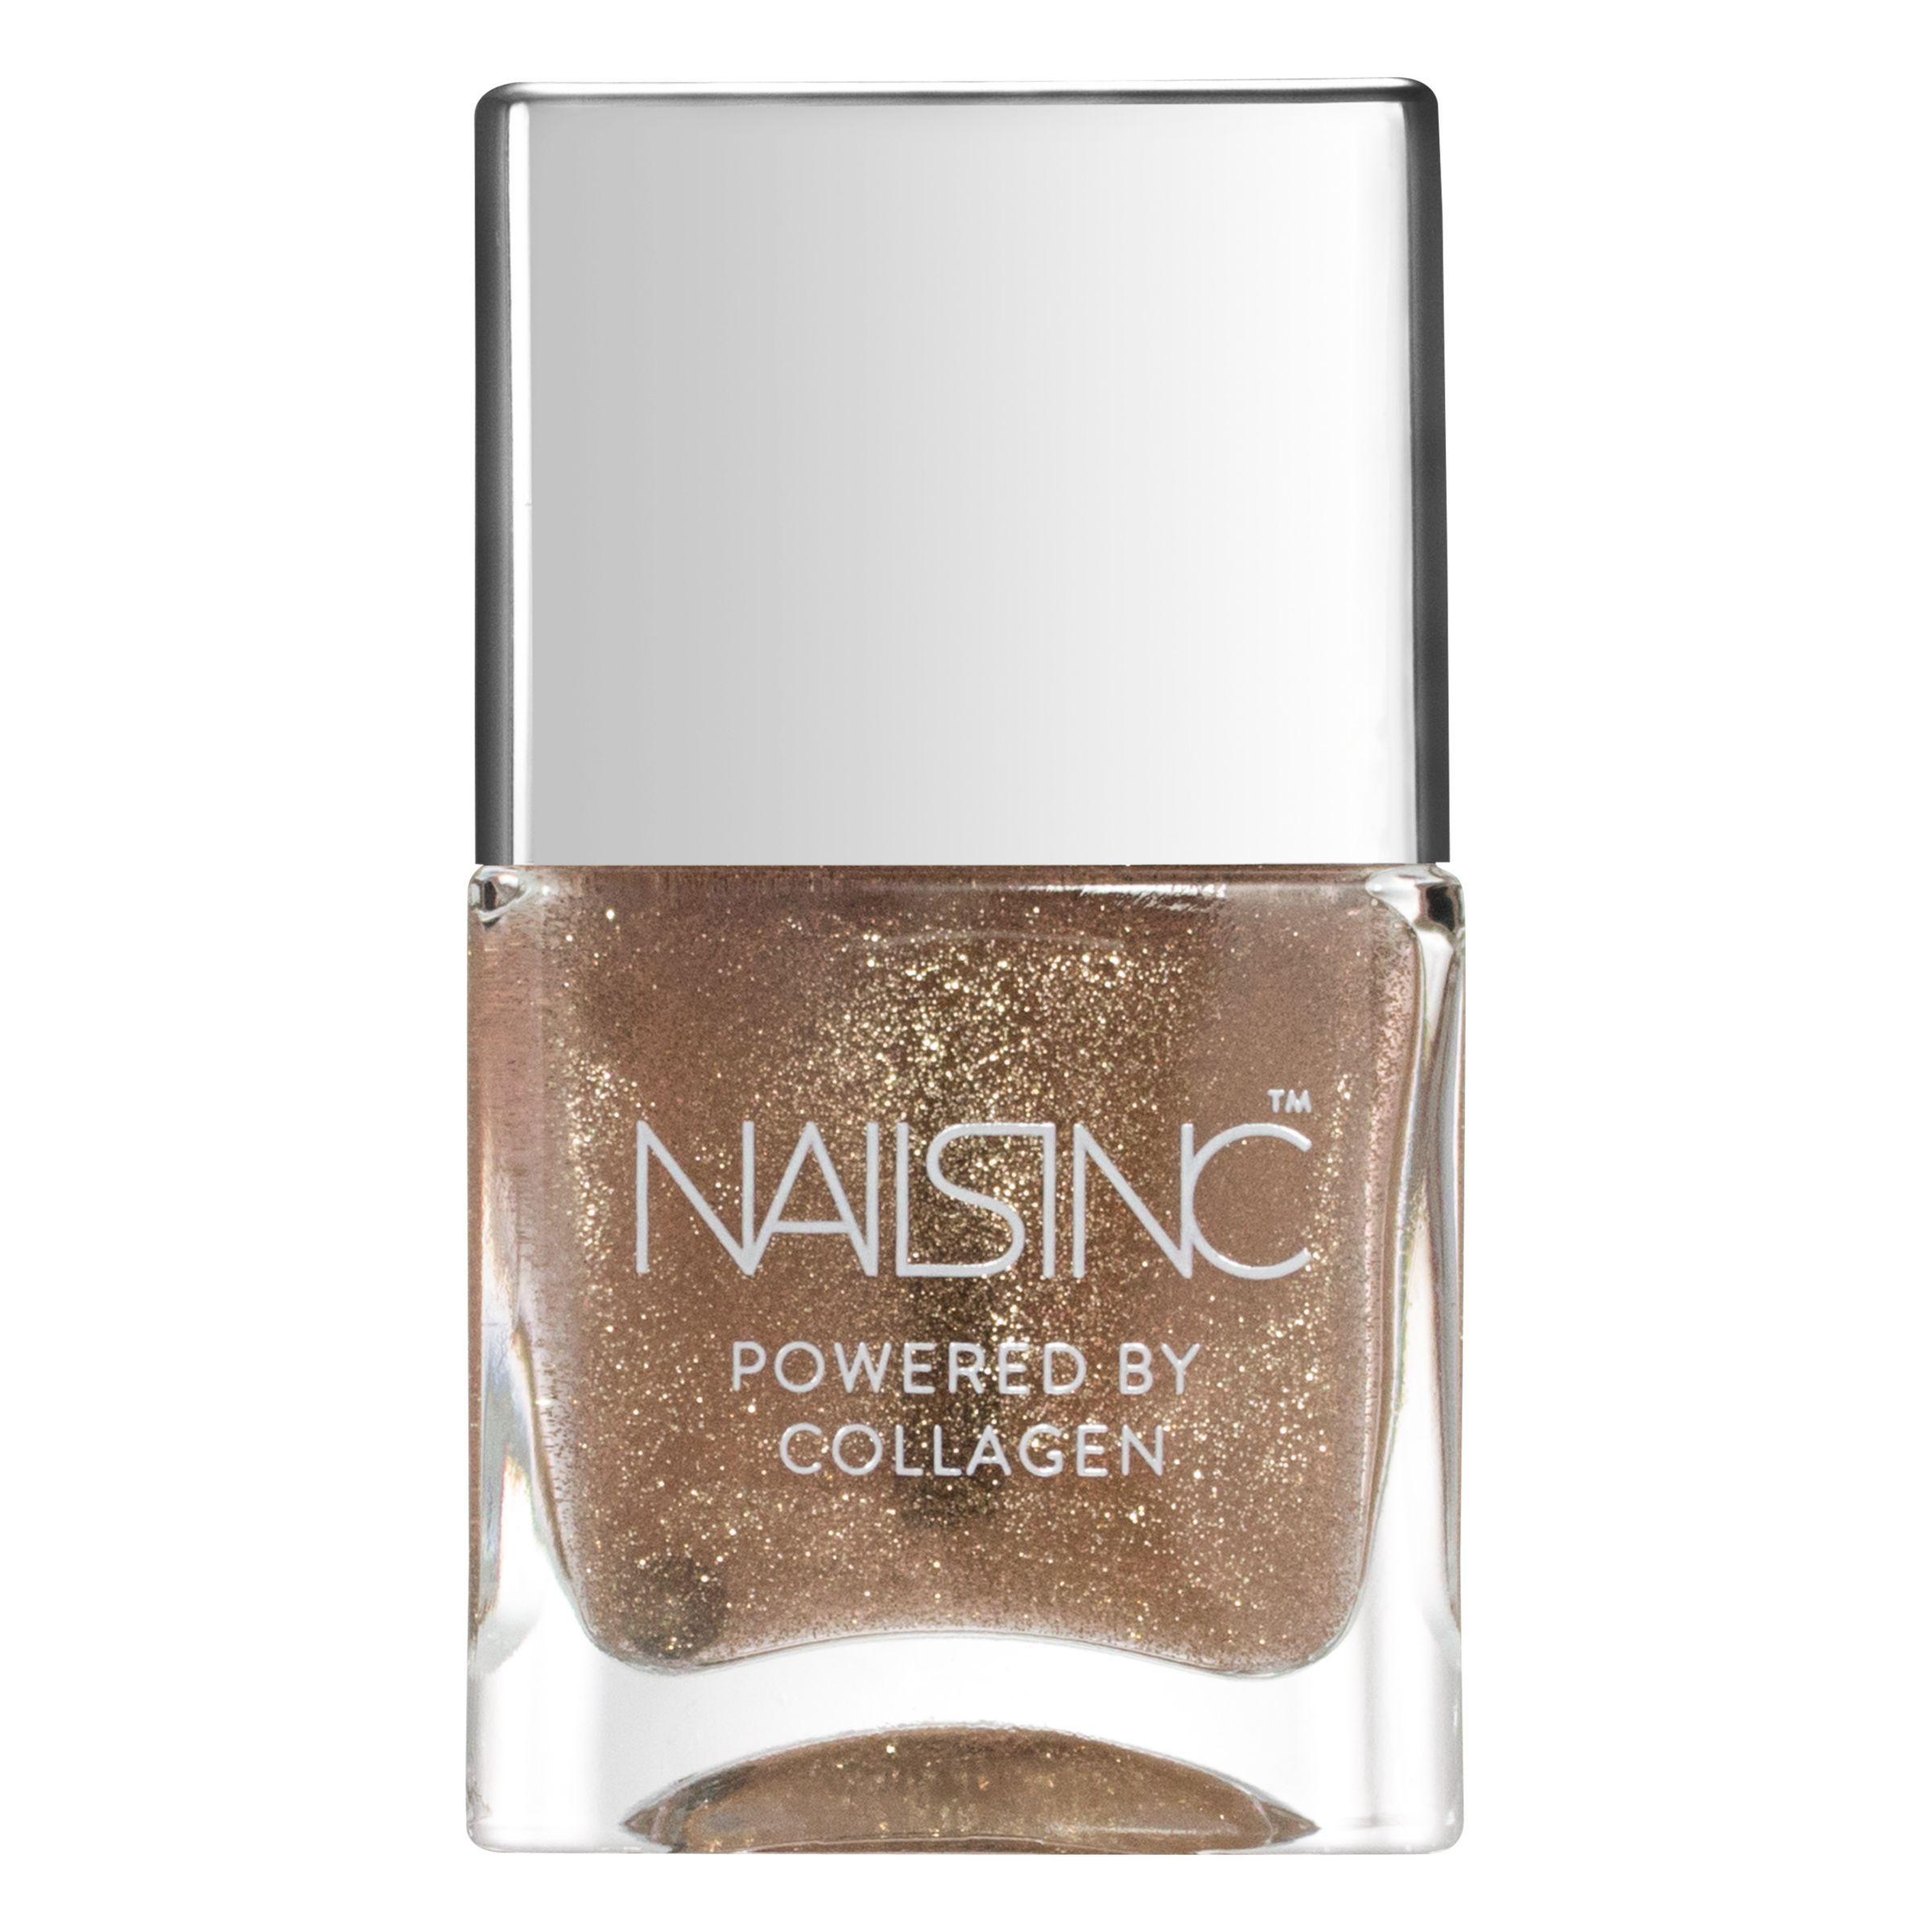 Nails Inc Powered By Collagen Nail Polish, 14ml Nail